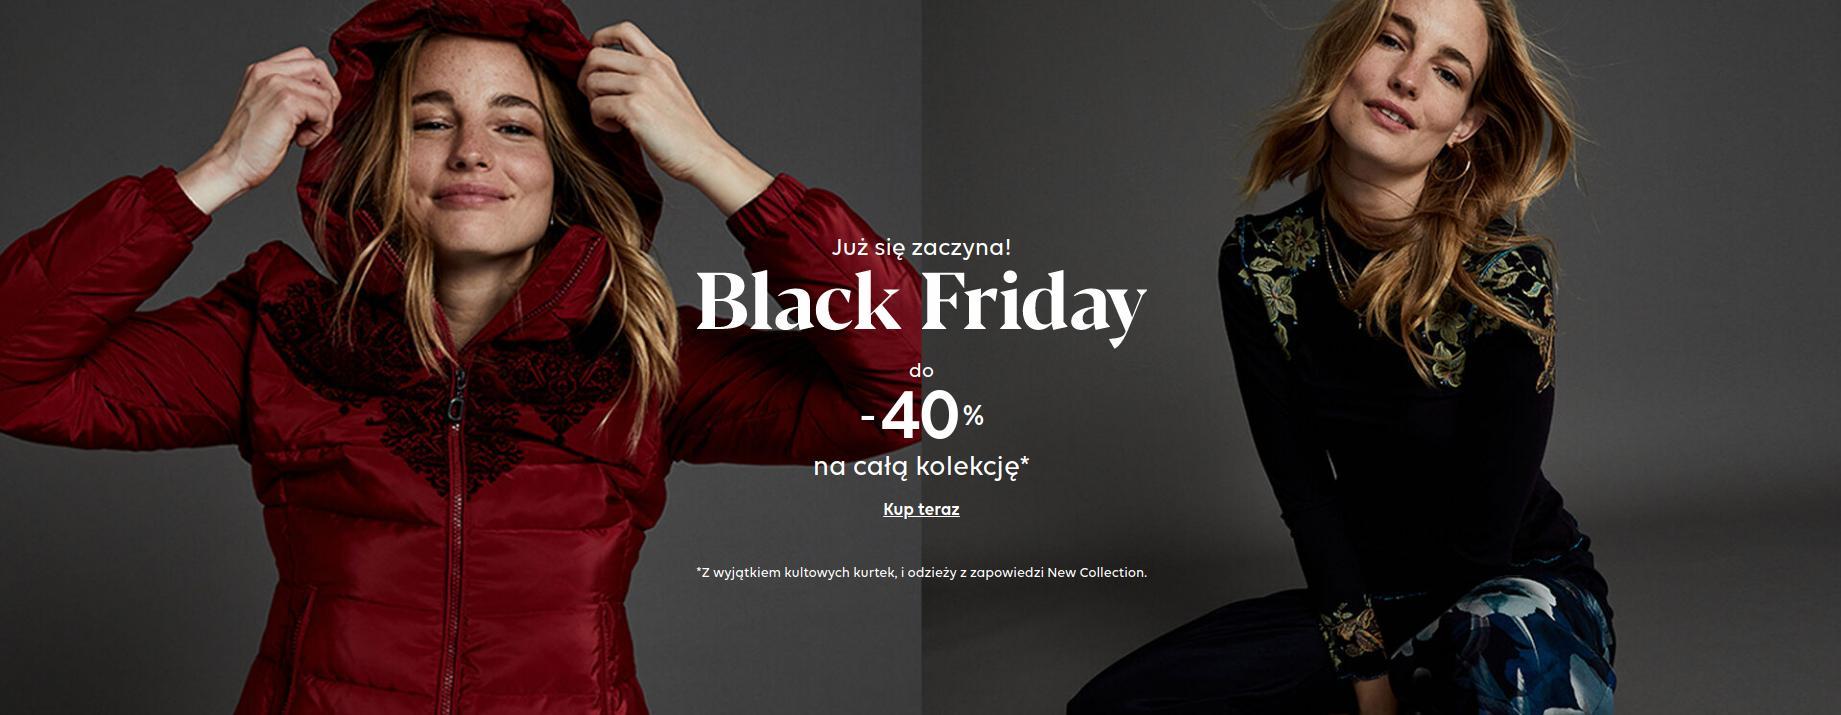 Desigual: Black Friday do 40% rabatu na całą kolekcję damską, męską i dziecięcą